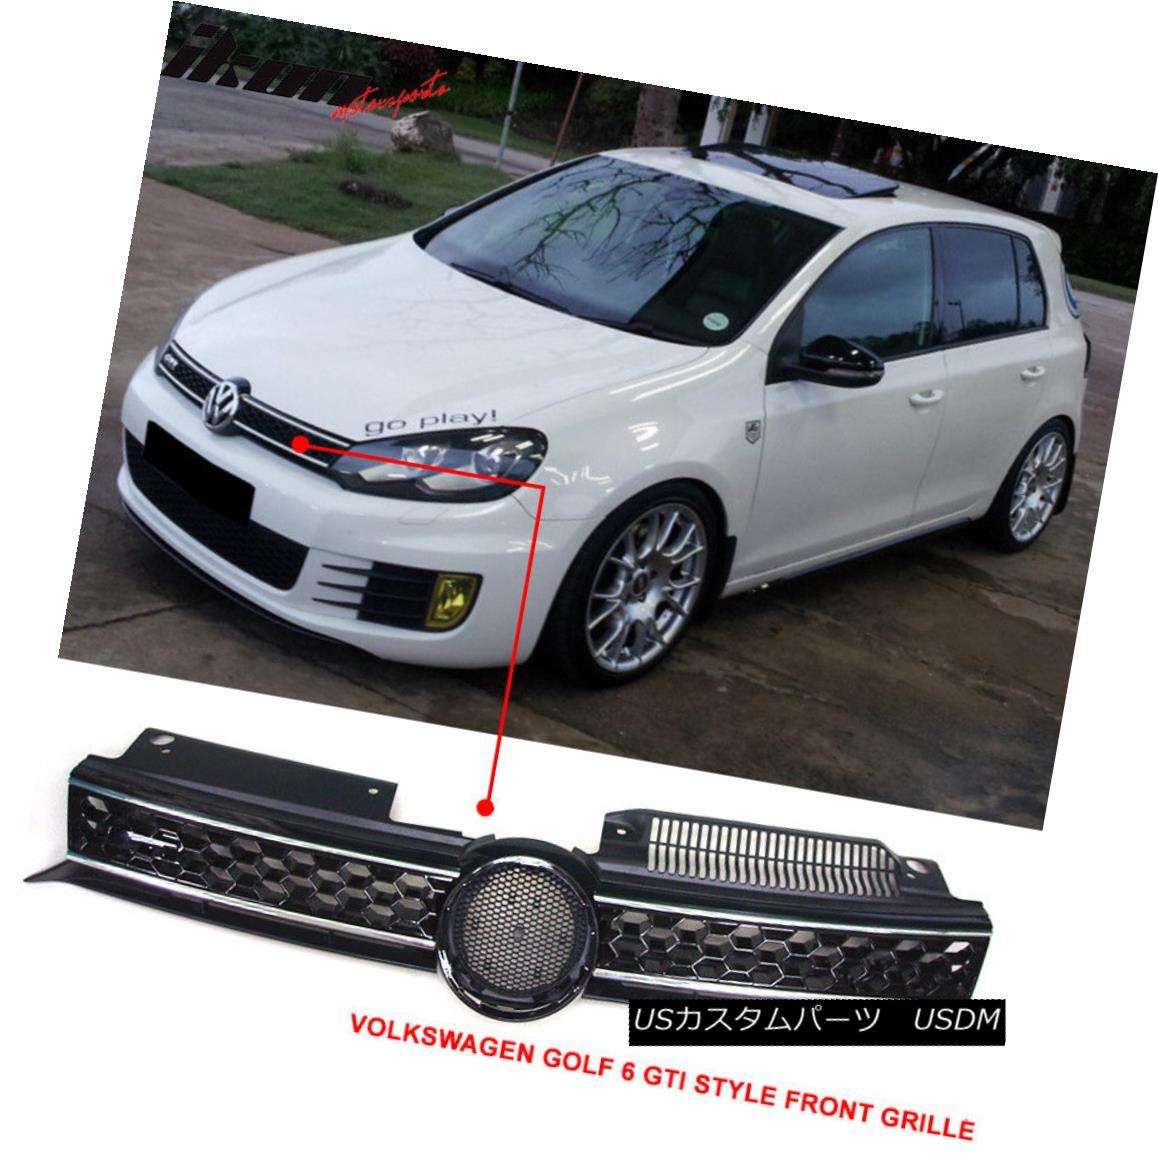 グリル Fits 10-14 Golf MK6 Mesh GTI Style Black Chrome Front Grille Logo Base - ABS フィット10-14ゴルフMK6メッシュGTIスタイルブラッククロームフロントグリルロゴベース - ABS